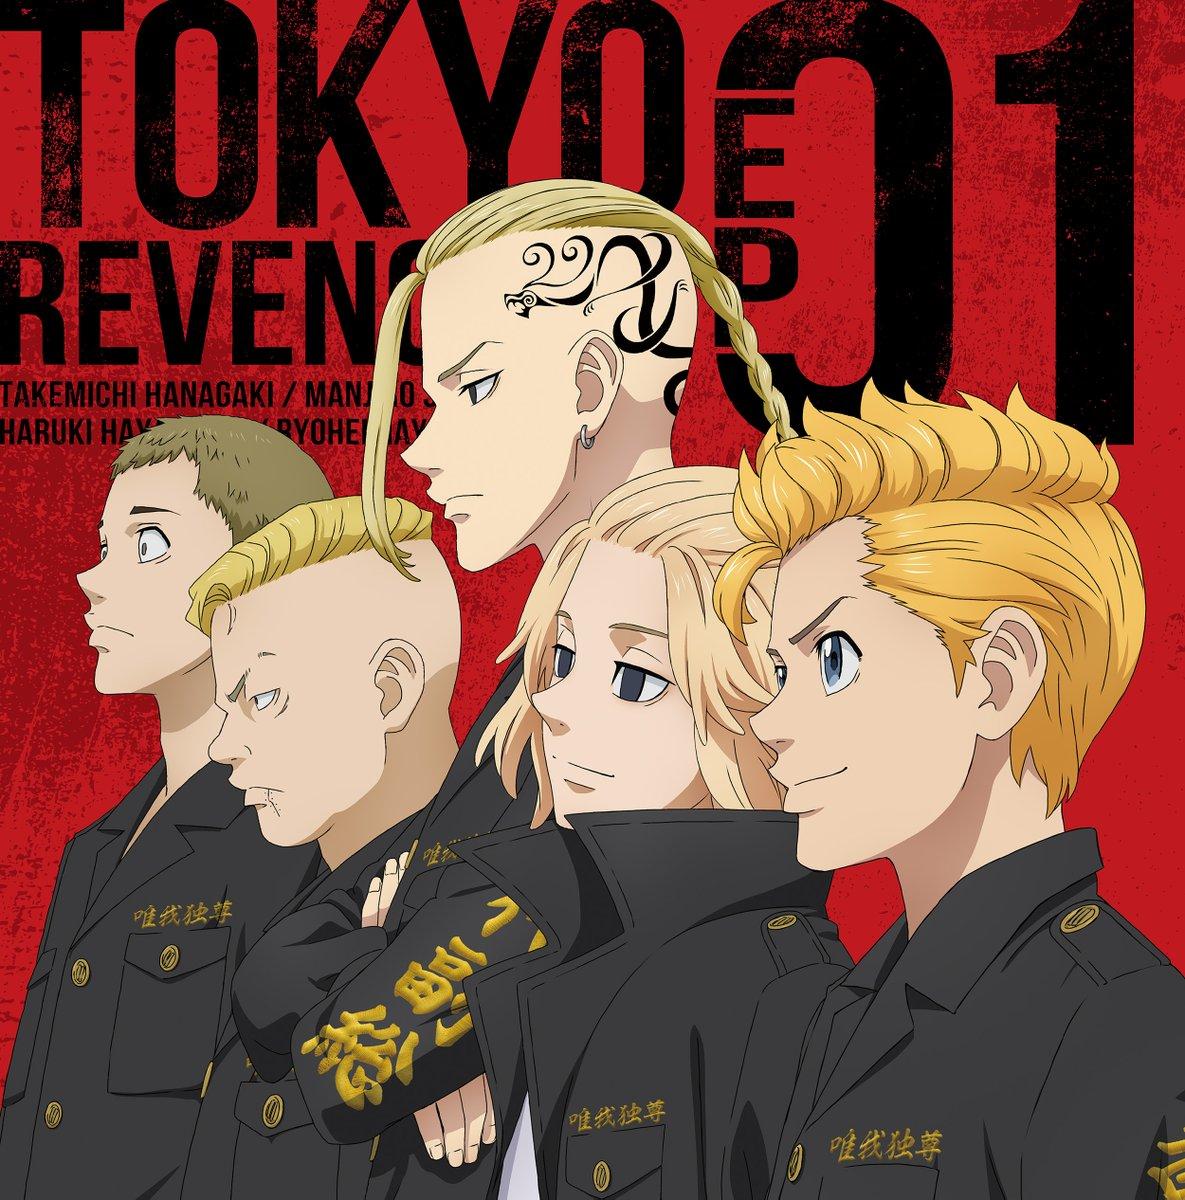 『佐野万次郎(林勇) - 六幻』収録の『TVアニメ『東京リベンジャーズ』 EP01』ジャケット